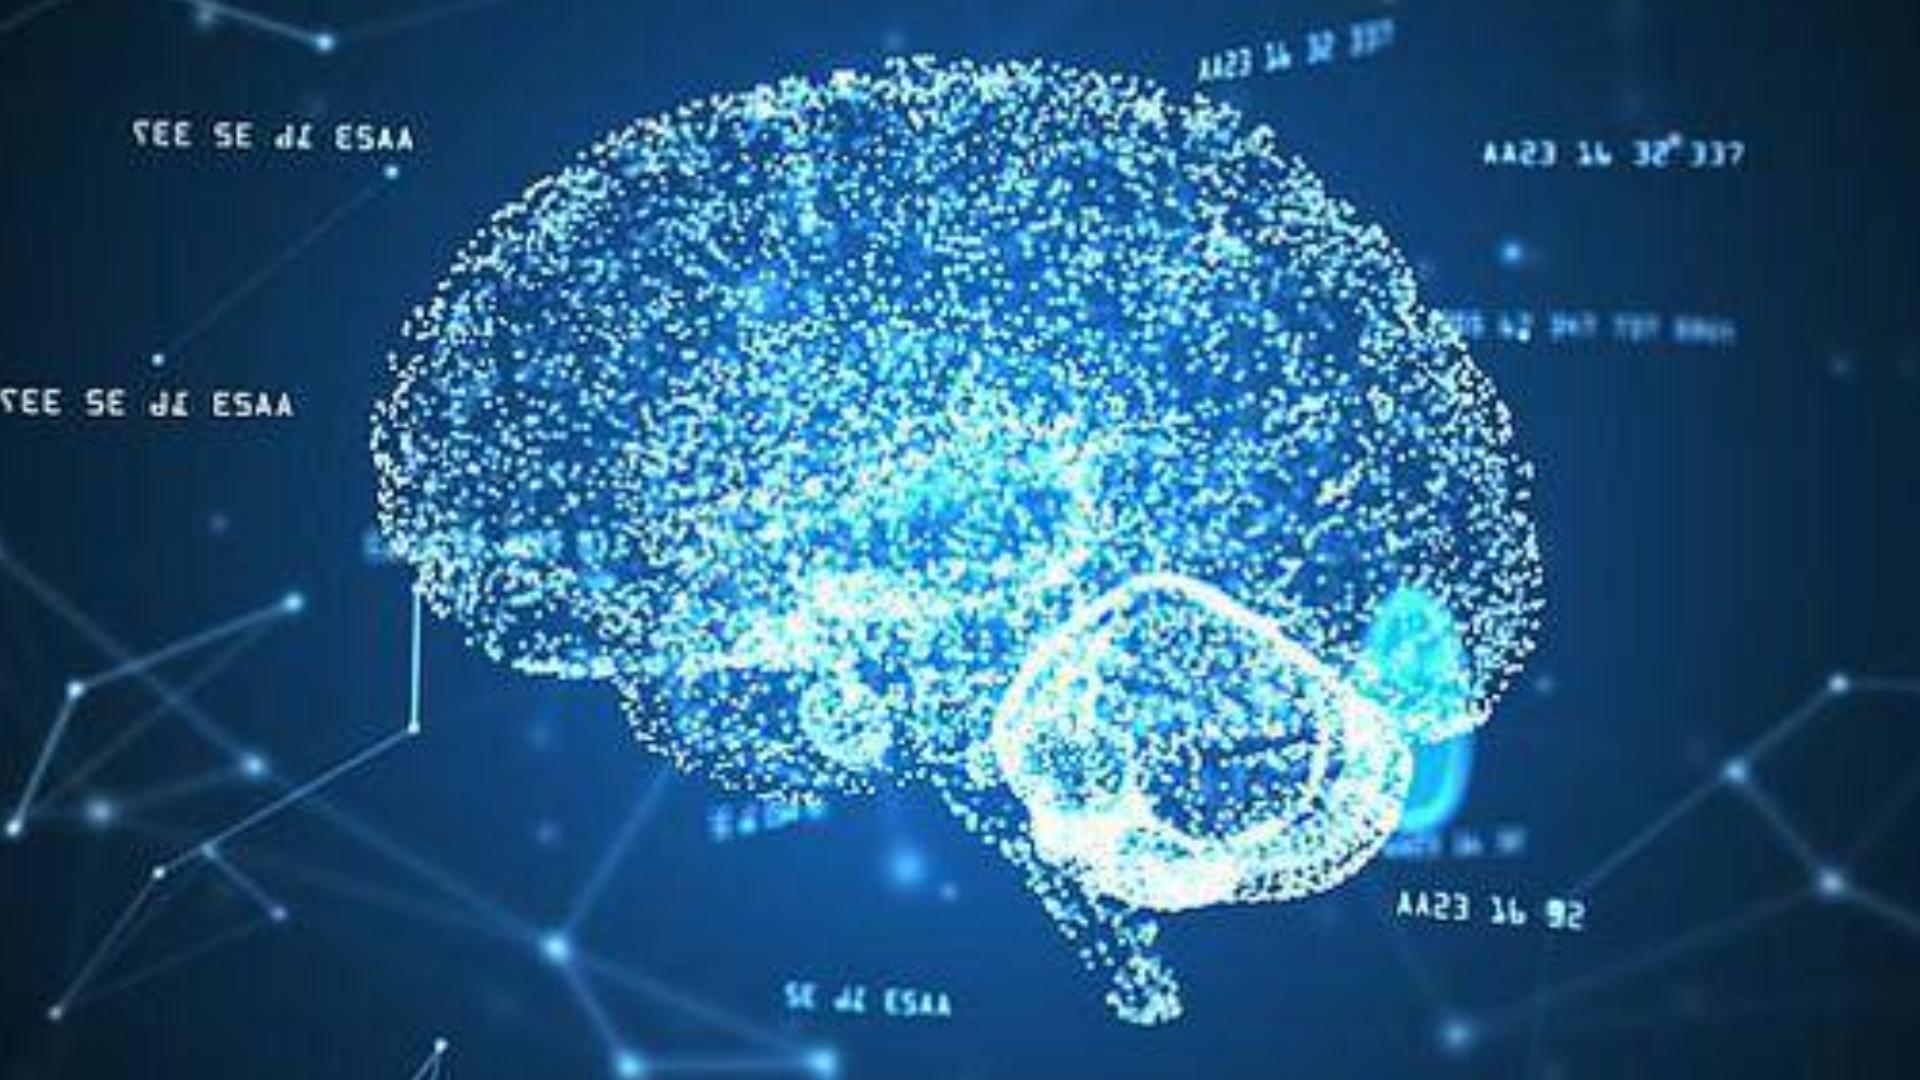 提高记忆力 最强大脑训练 如何提升记忆力 奇迹记忆法 快速阅读  疯狂记忆 思维导图训练教程